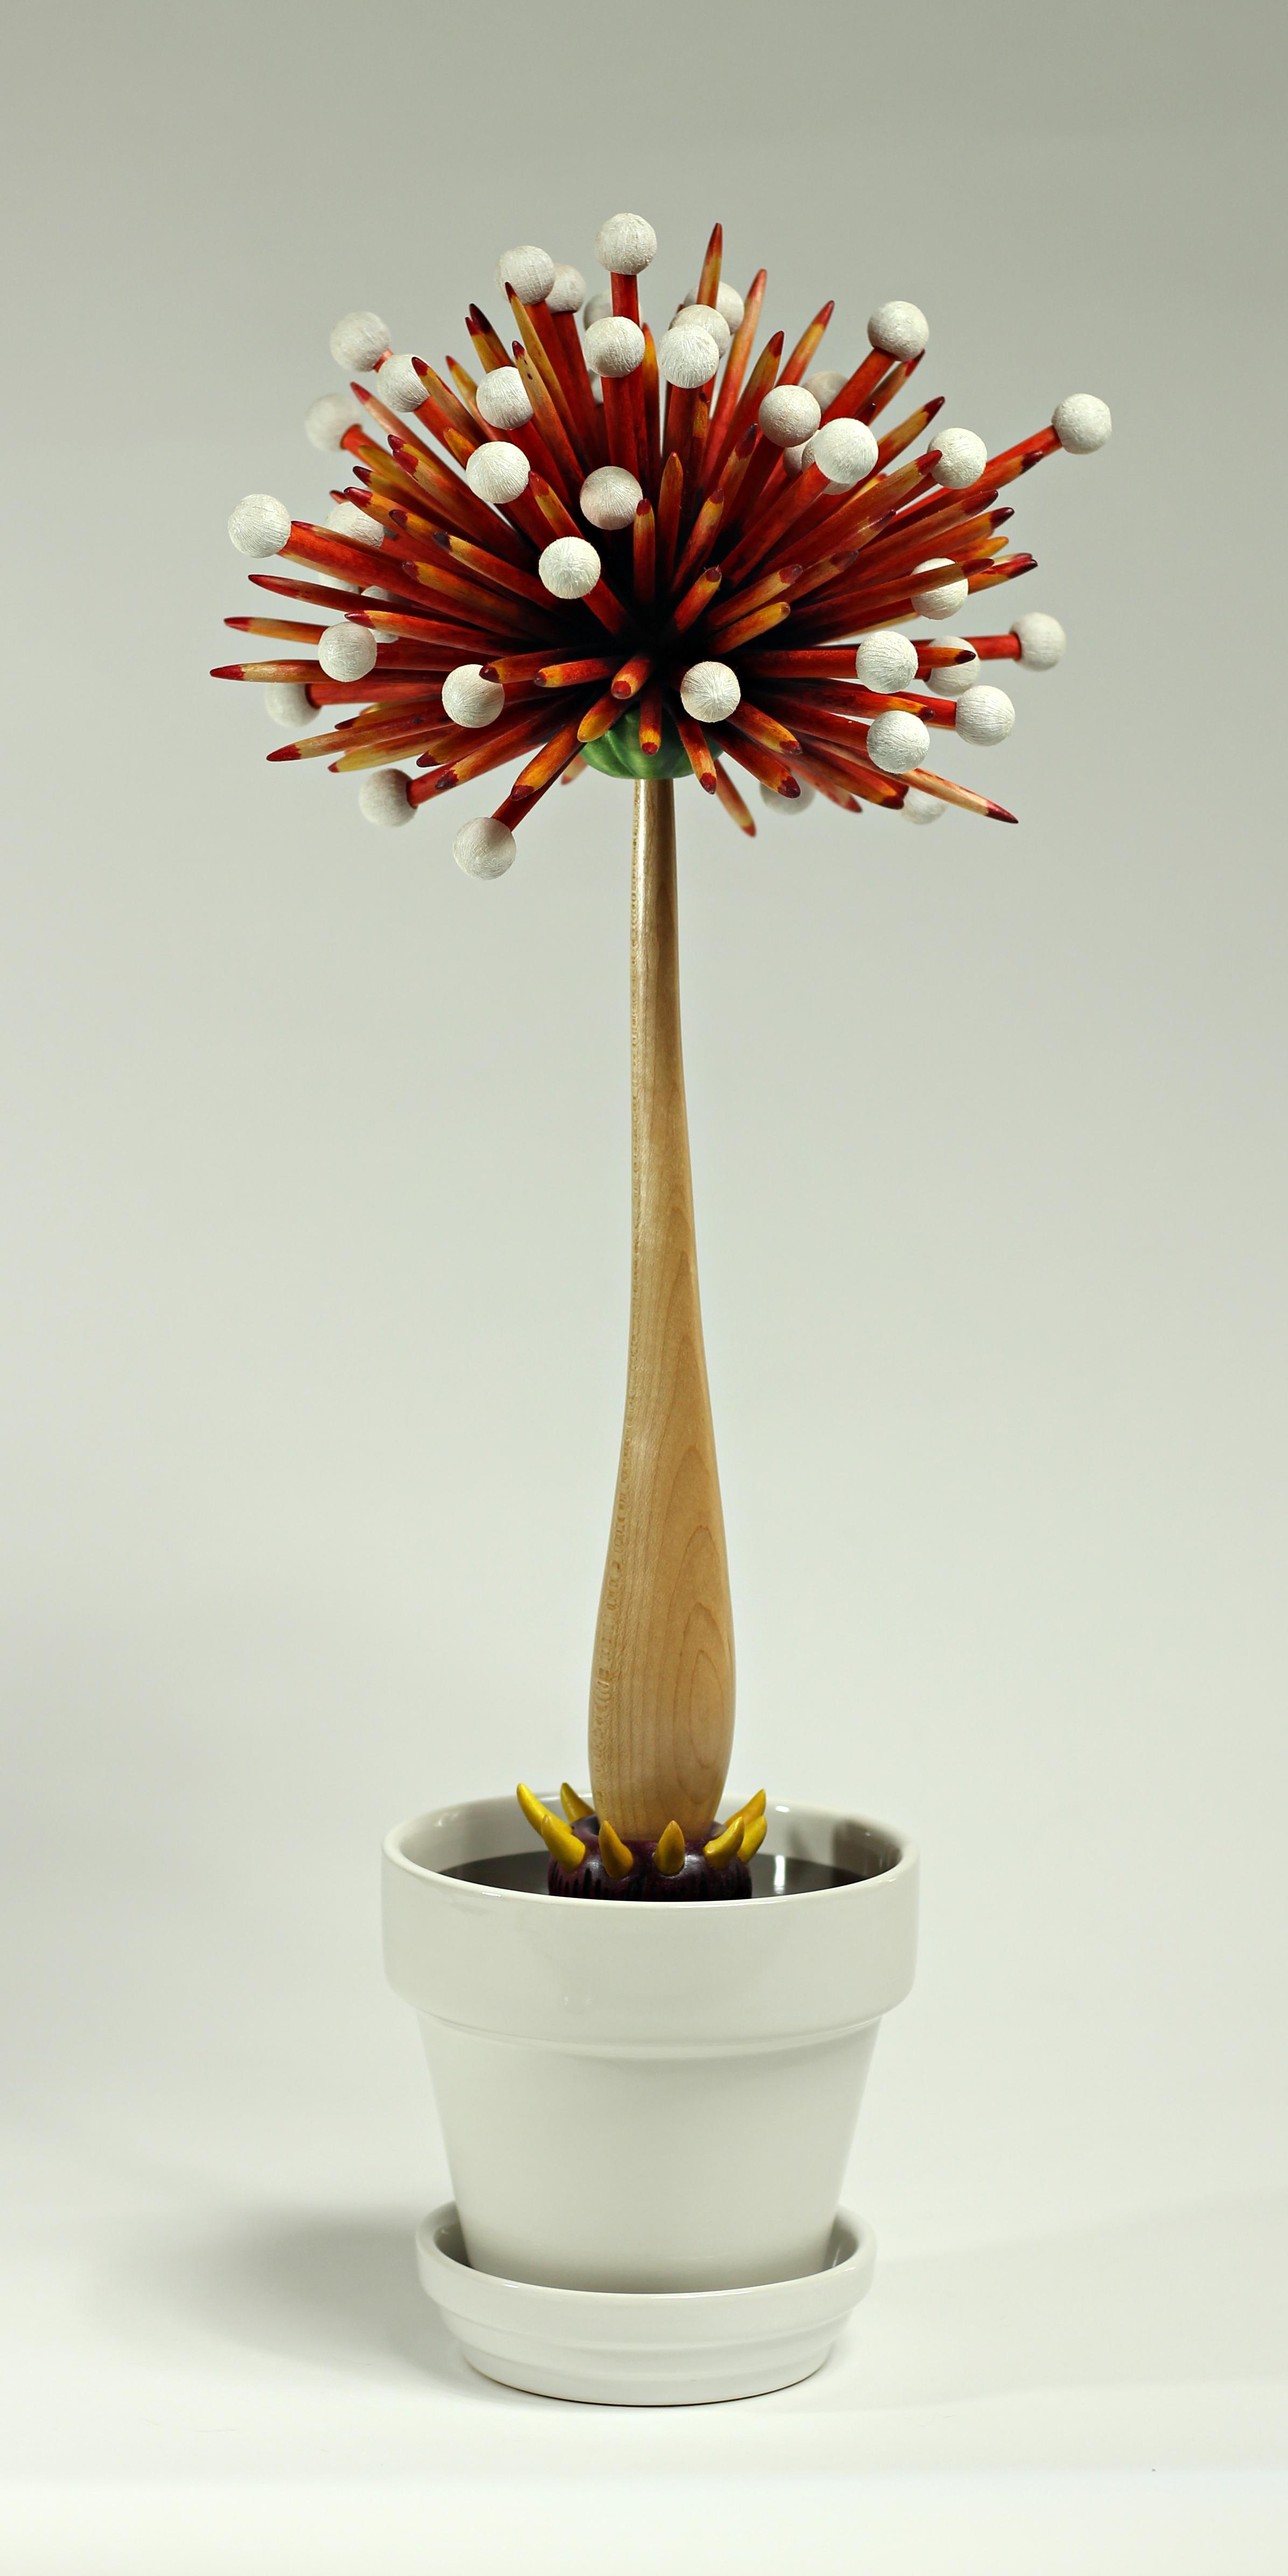 Bloom #14 by Sam Hingston